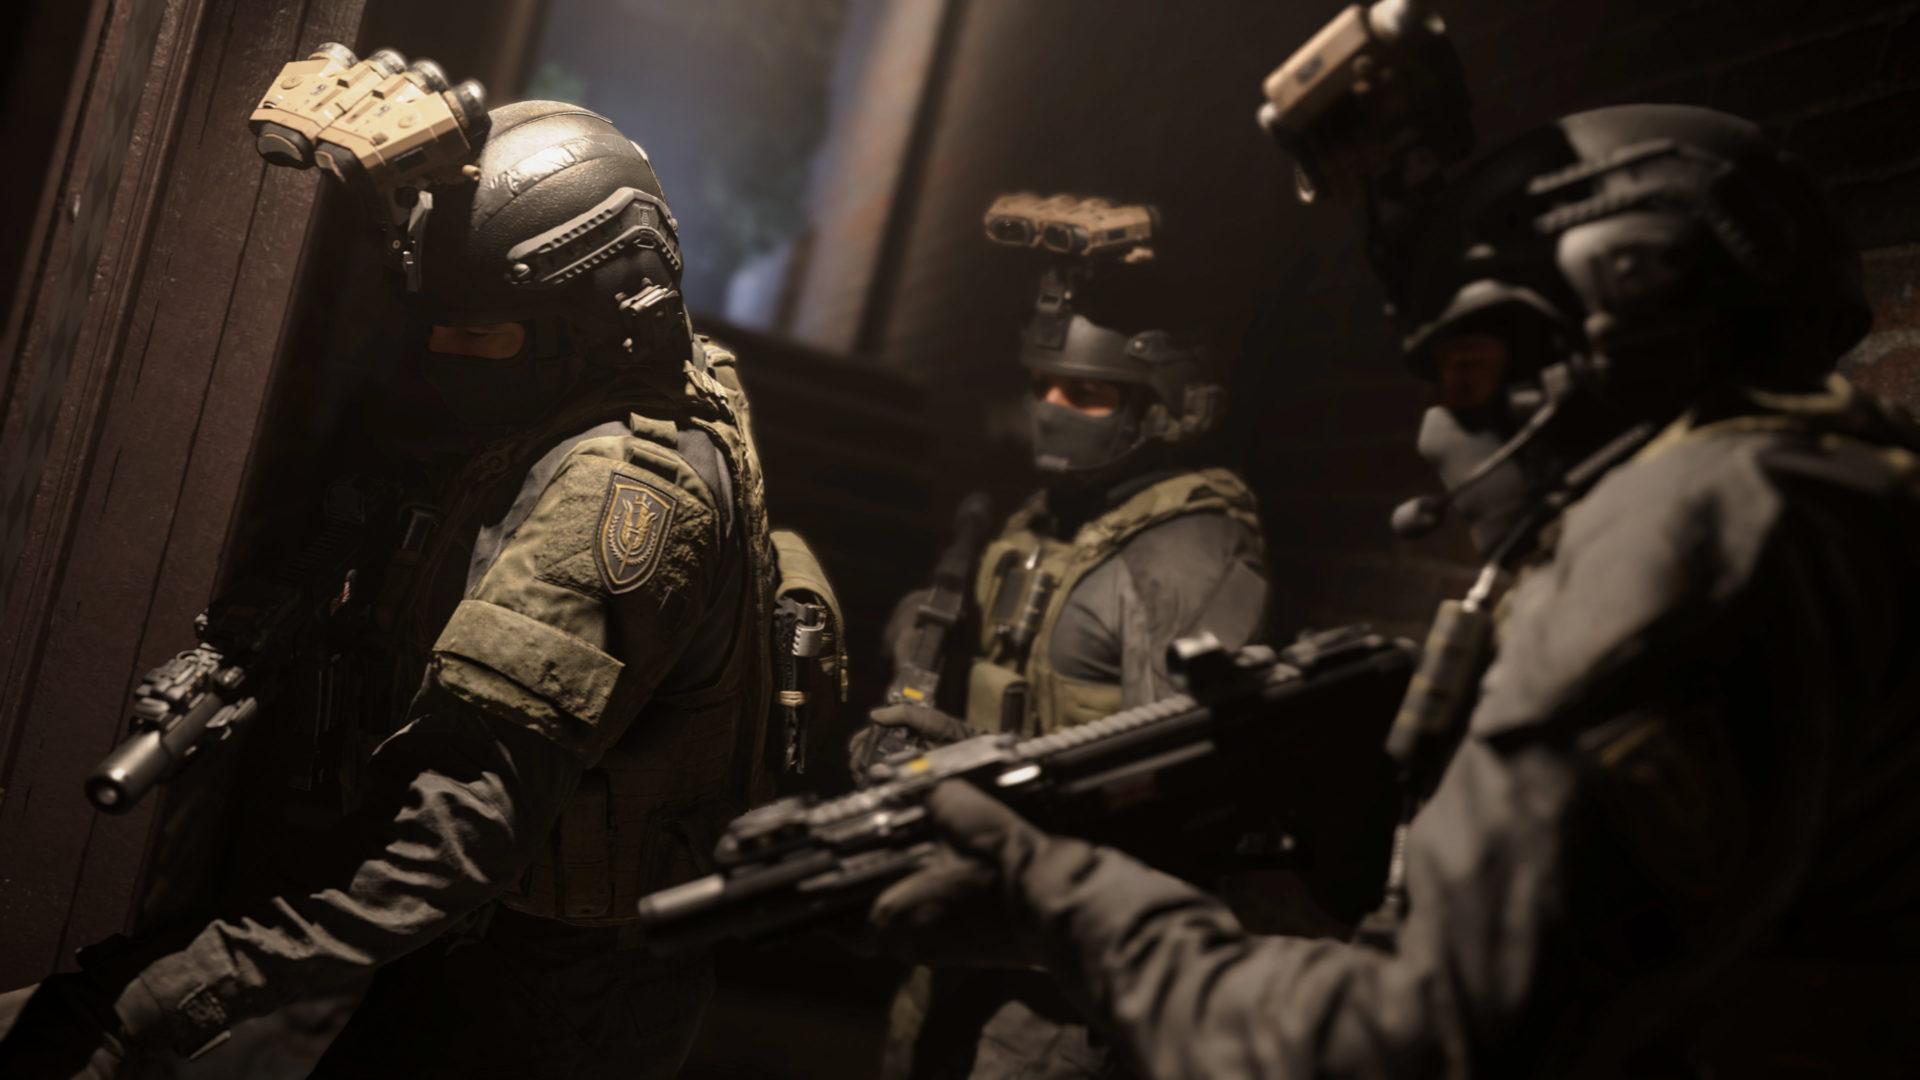 Один изрежимов вновой Call ofDuty: Modern Warfare будет эксклюзивом для PS4 целый год. Фанаты внедоумении